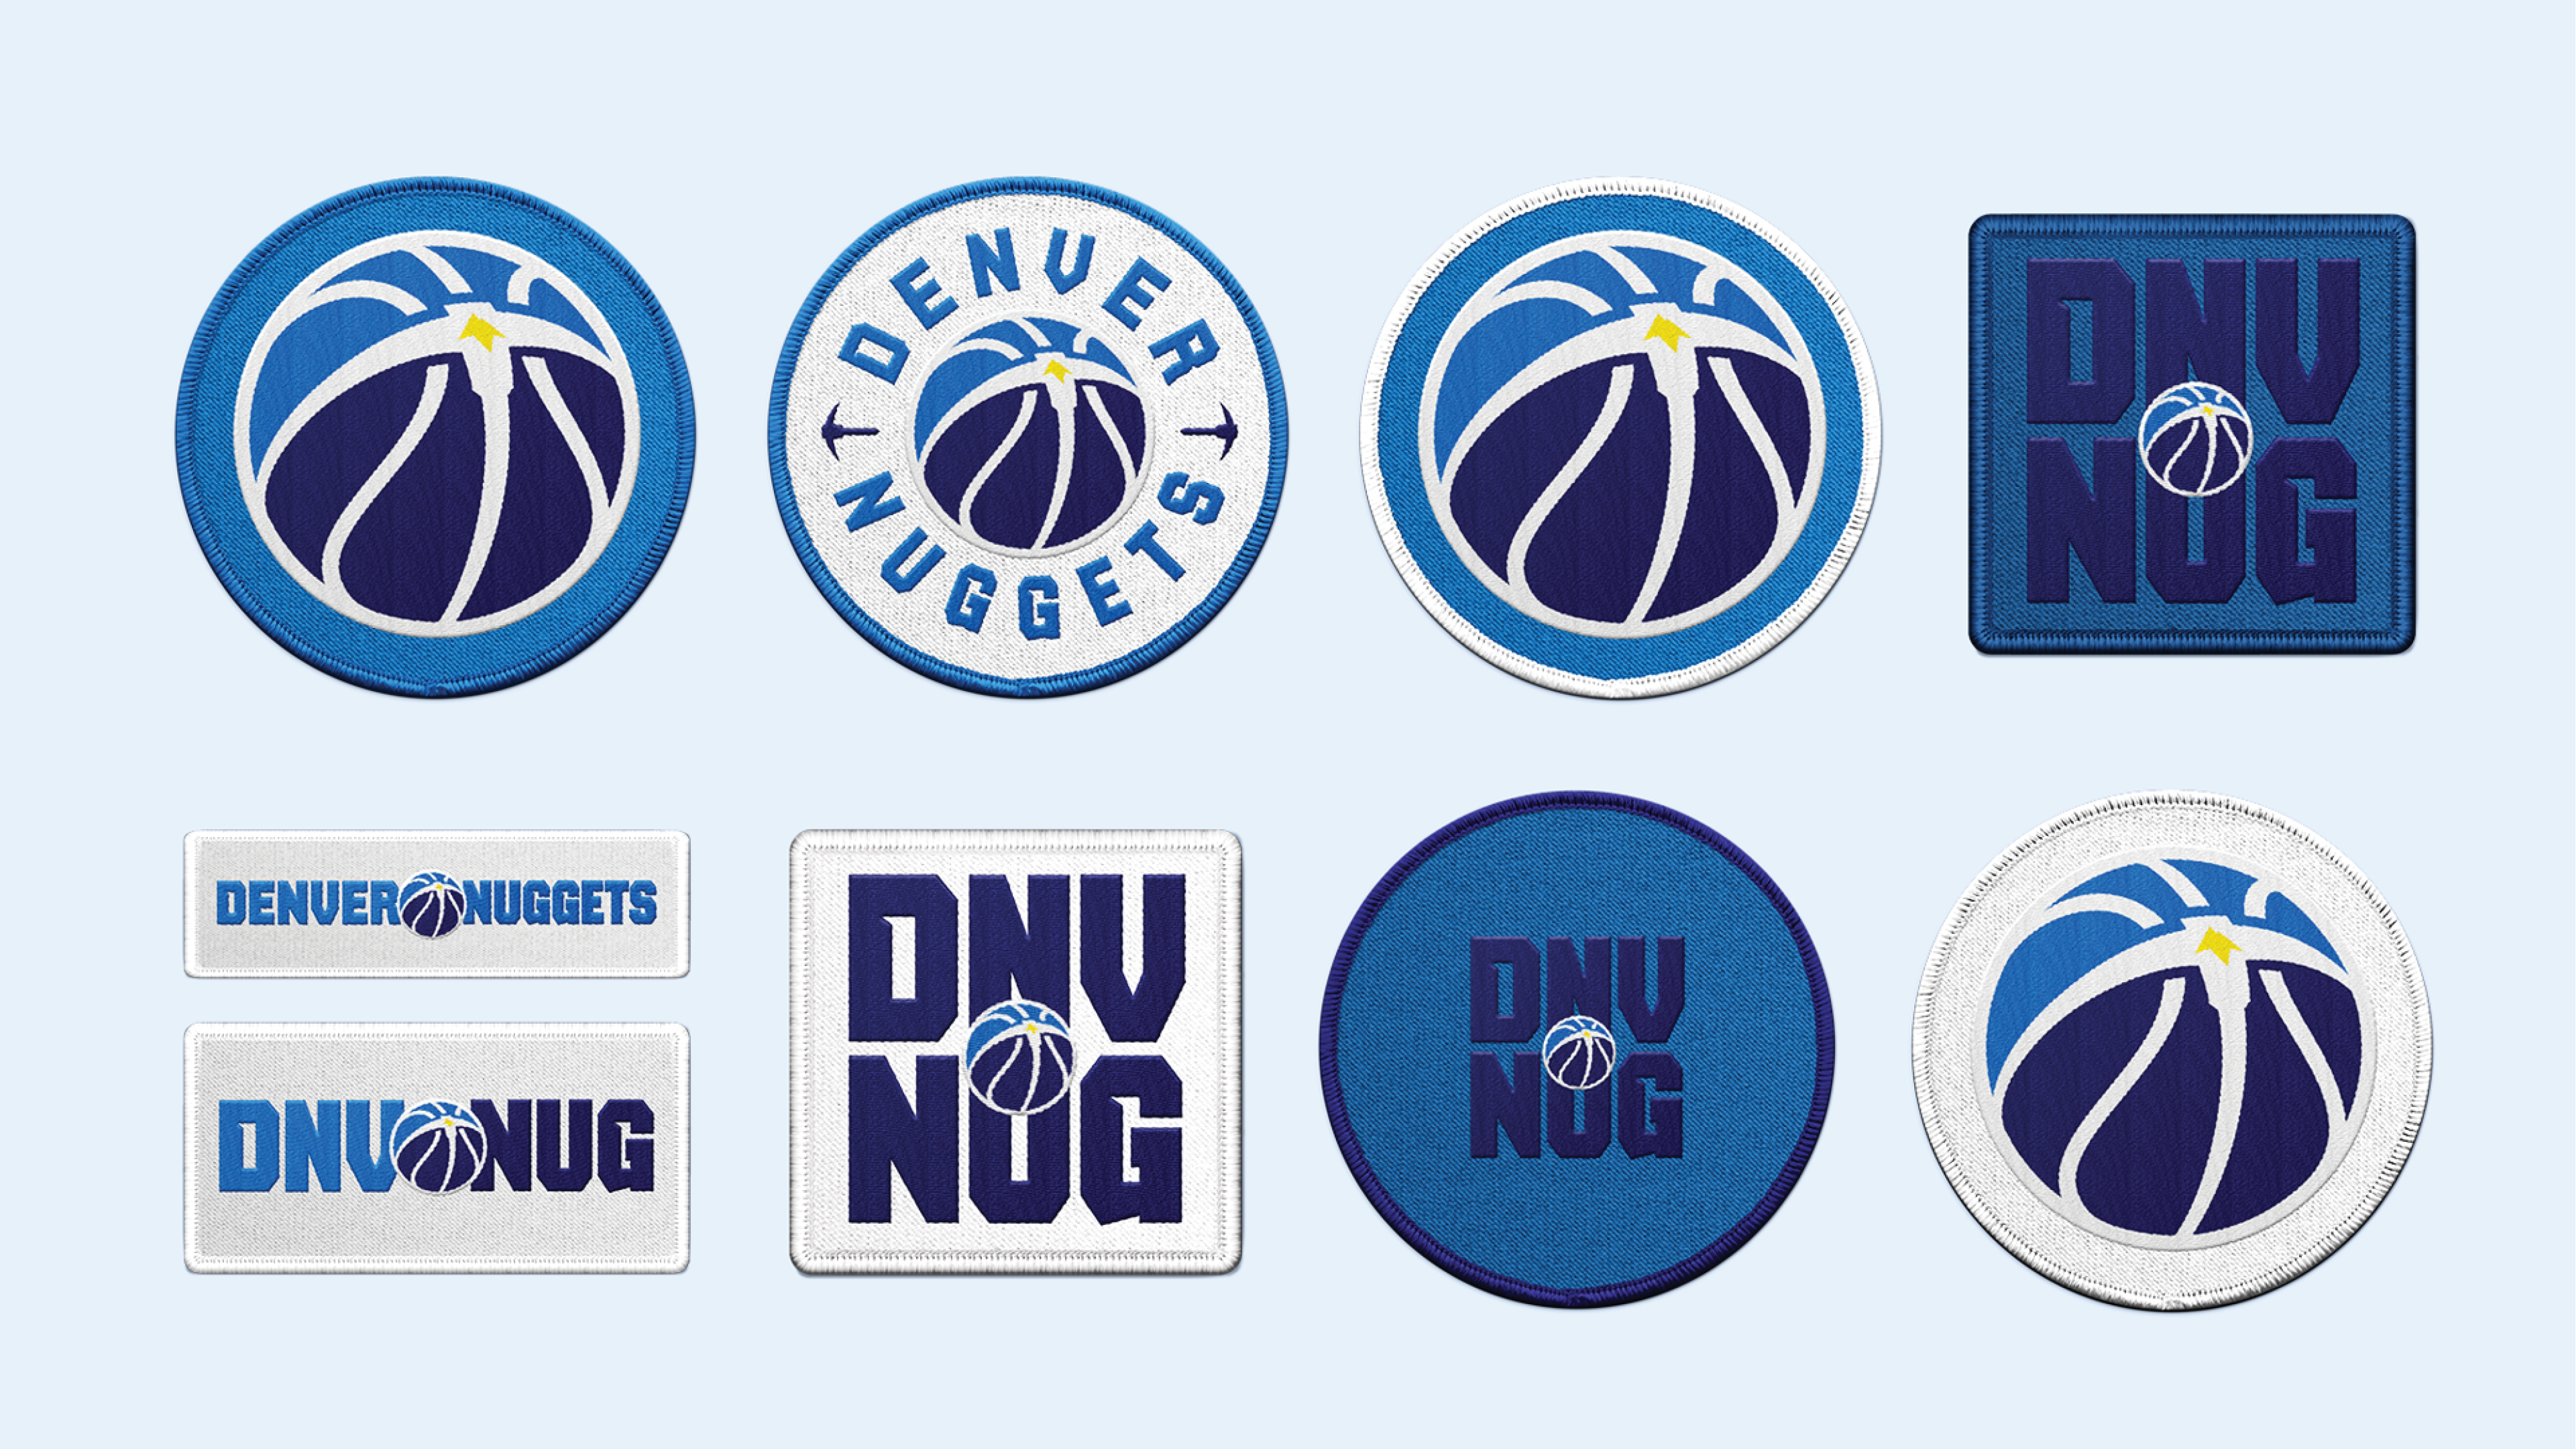 Denvernuggets designsystem14